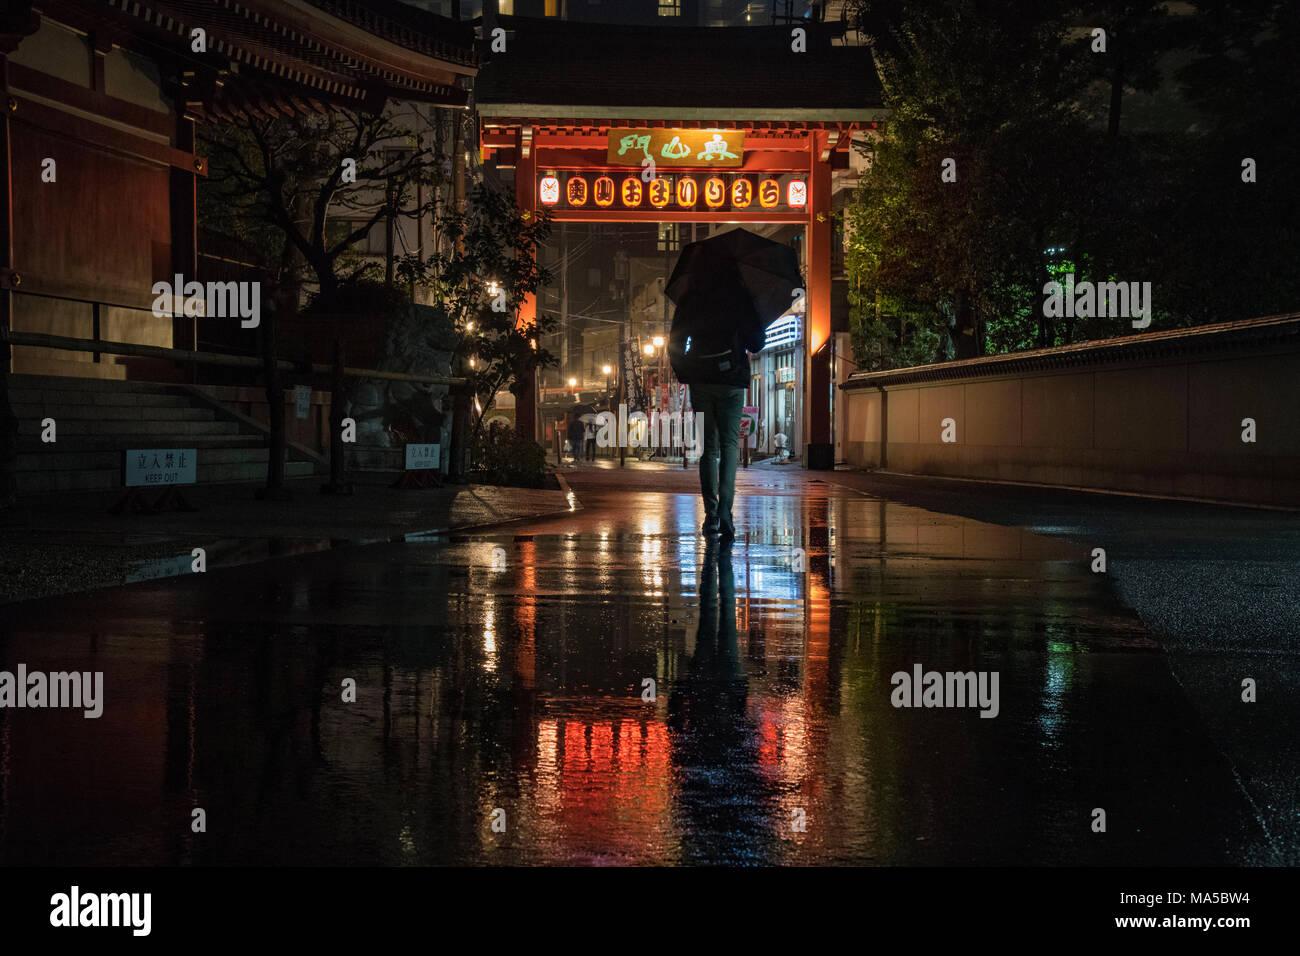 Asia, Giappone, Nihon, Nippon, Tokyo, Taito, Asakusa, persone con ombrello passeggiate sotto la pioggia Immagini Stock